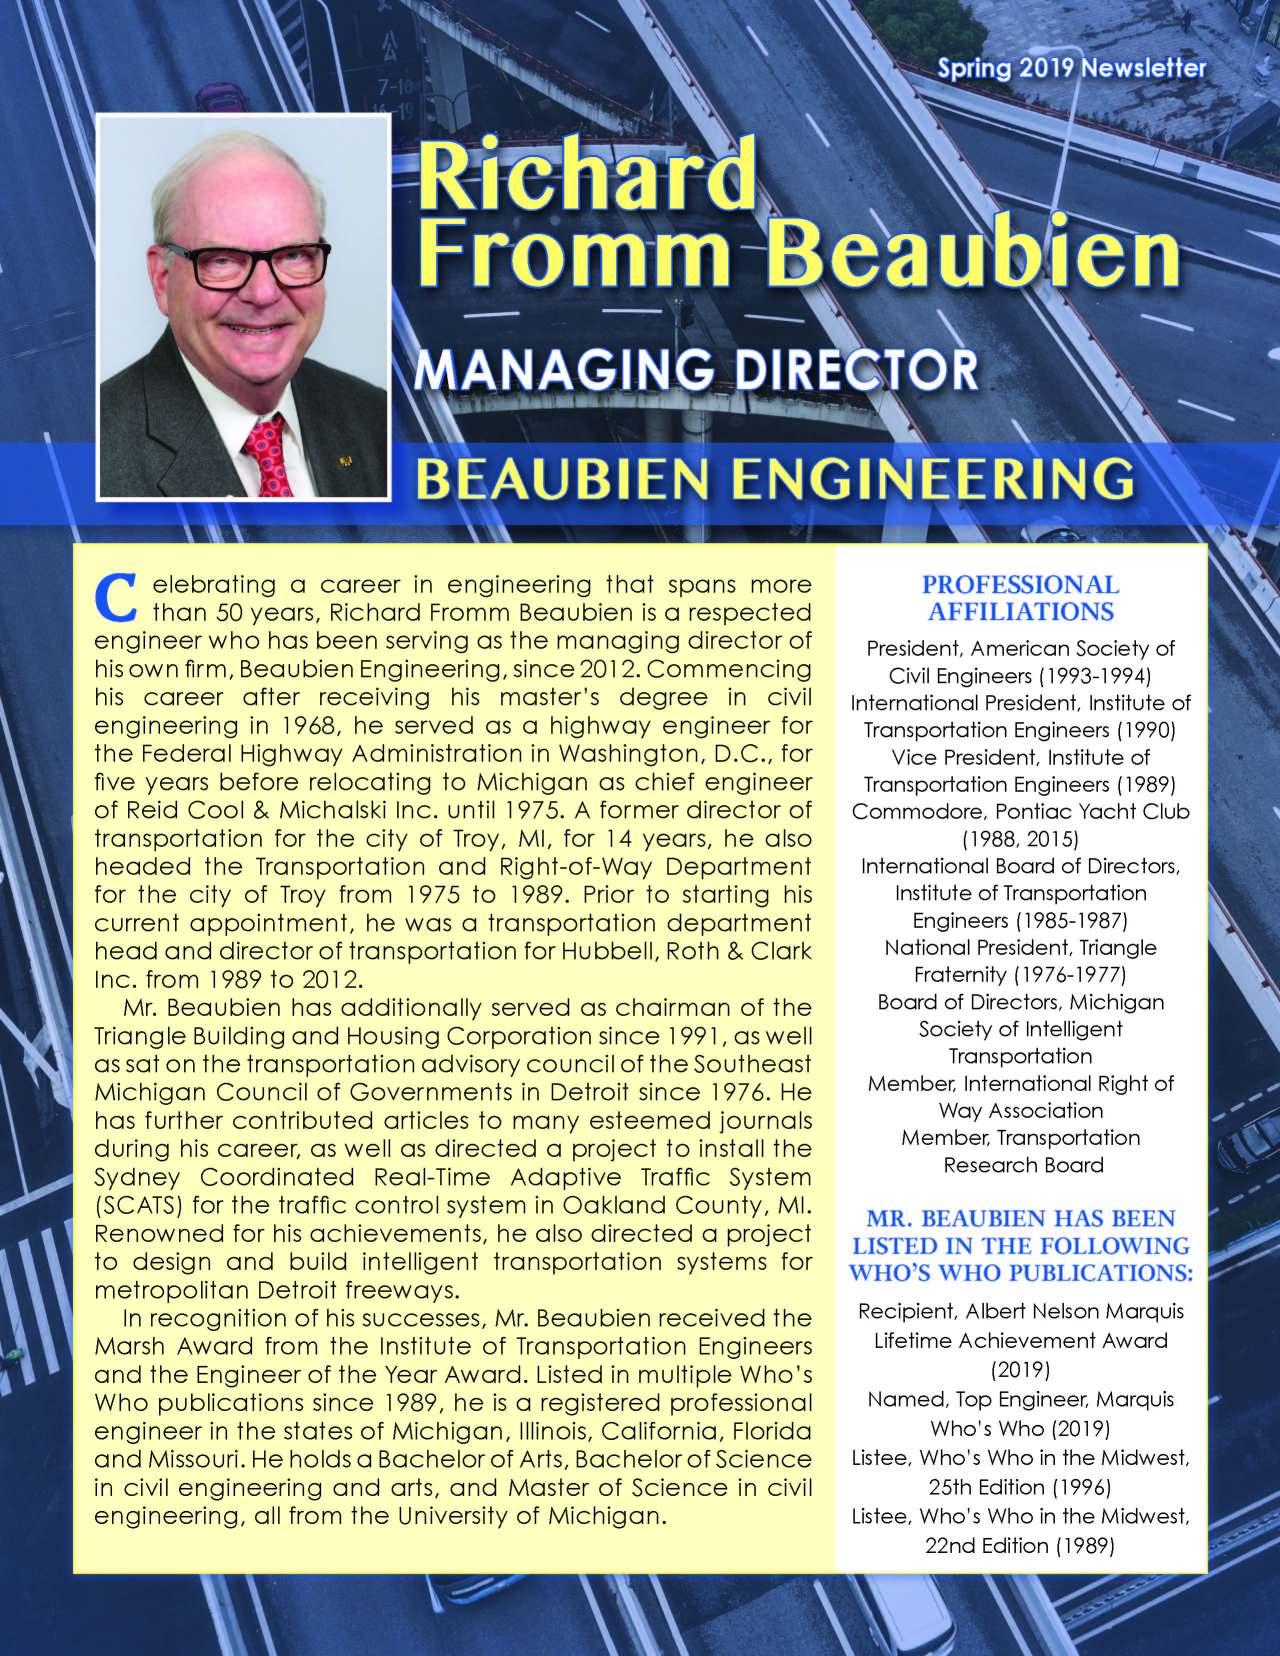 Beaubien, Richard 4217100_16667792 Newsletter REVISED.jpg